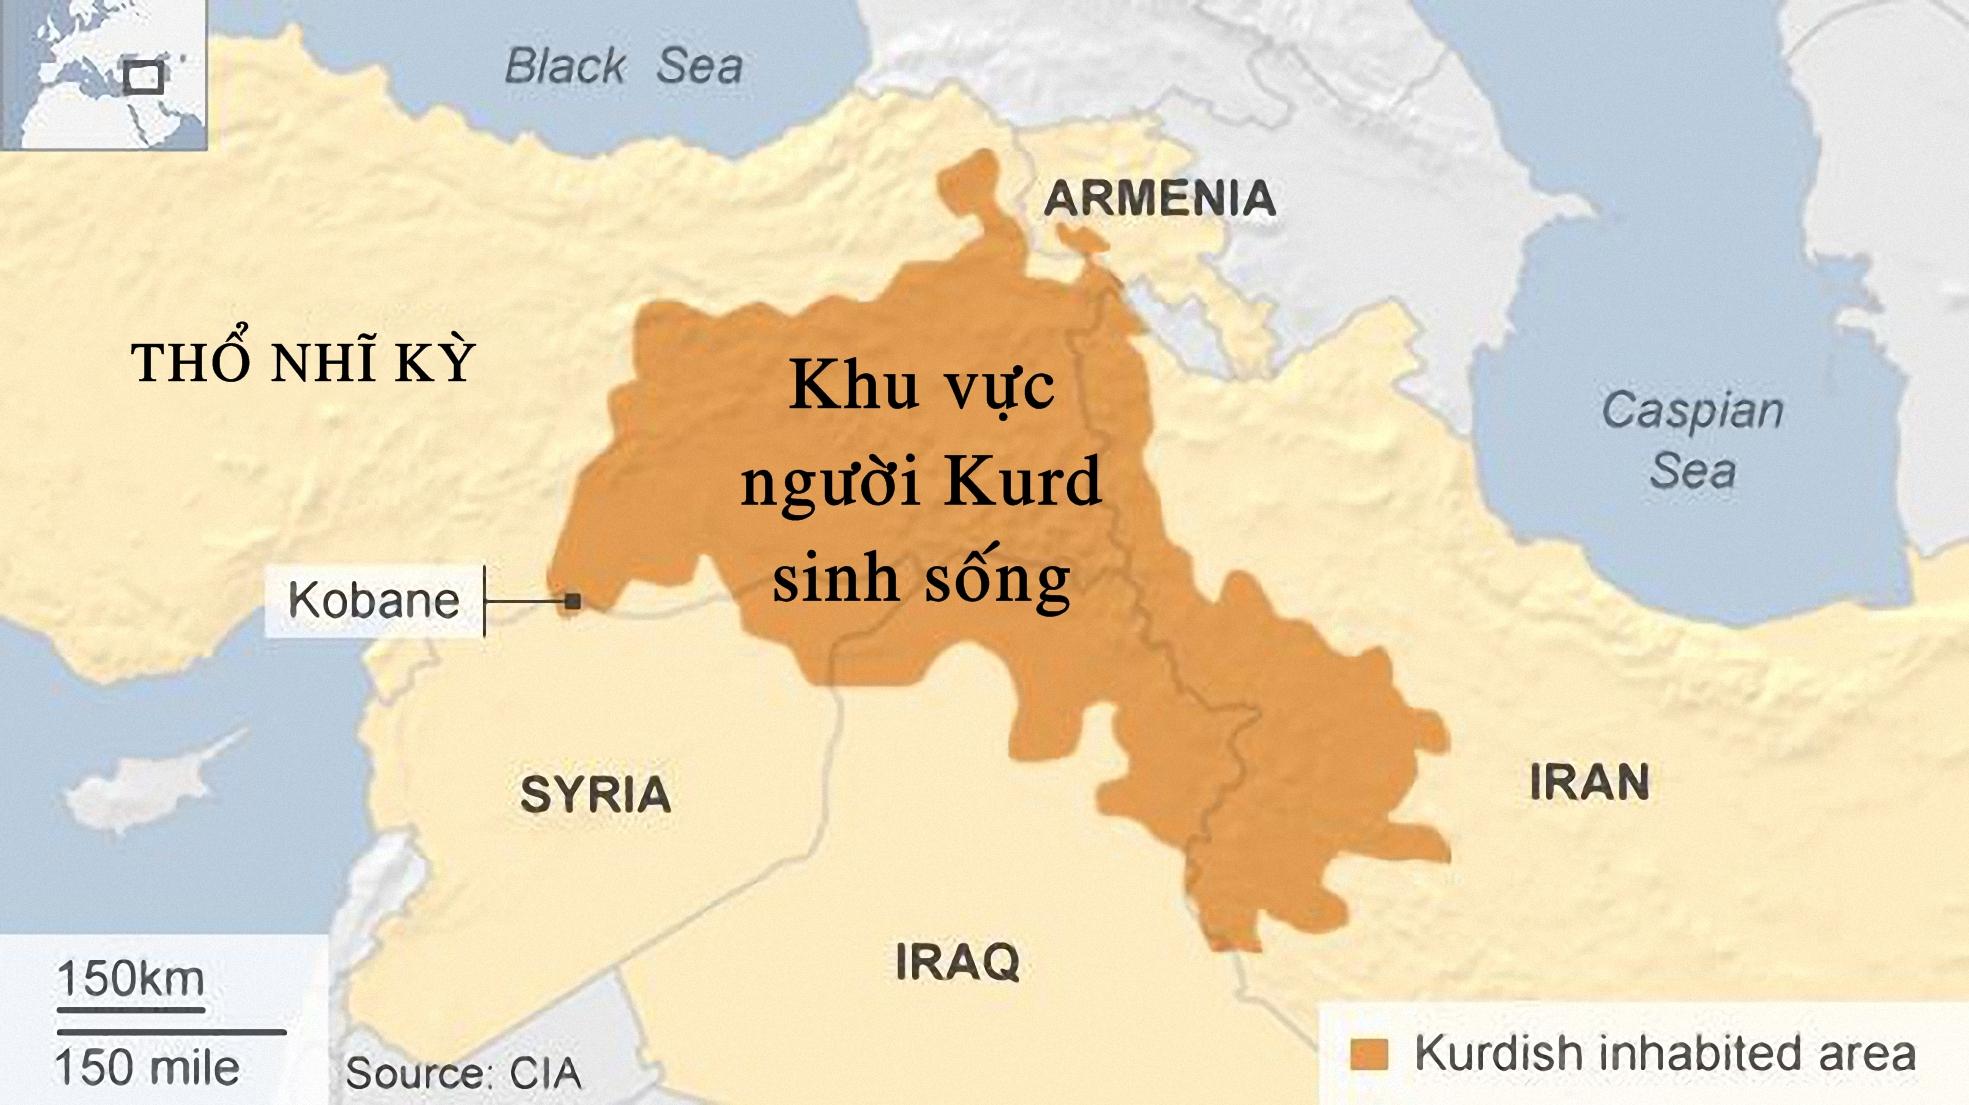 Bản đồ khu vực người Kurd sinh sống, trong đó phần lớn nằm ở Thổ Nhĩ Kỳ. Ảnh: CIA.